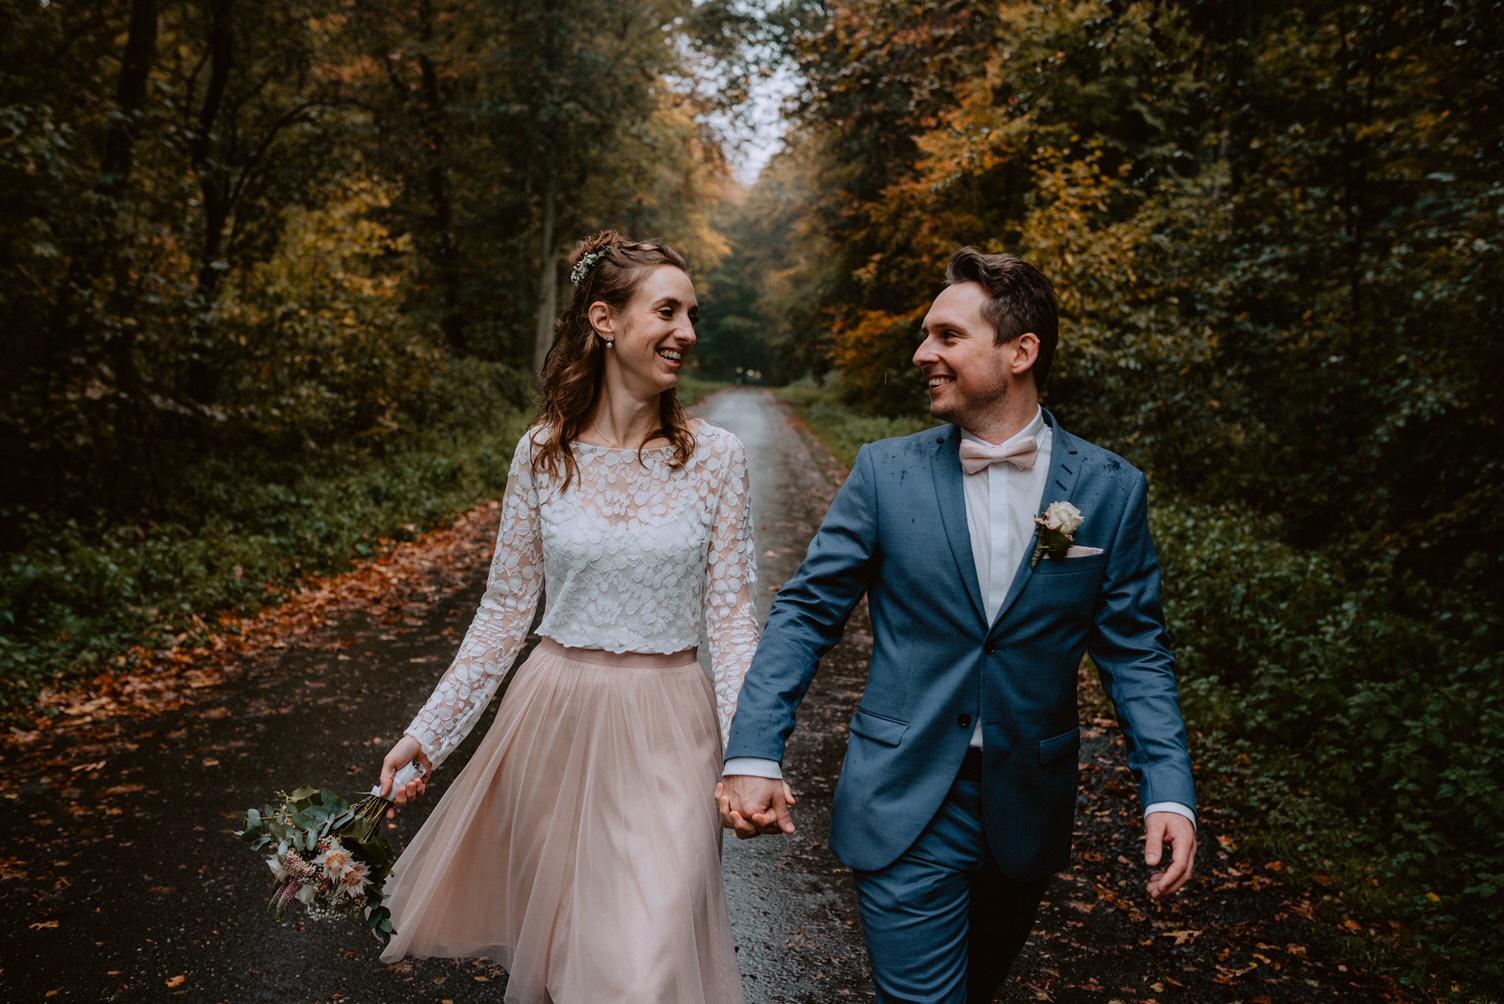 noni Brautmode, Detailaufnahme, Brautpaar vor Herbstwald-Kulisse, händchenhaltend mit Brautstrauss. Bräutigam im blauen Anzug mit Fliege, Braut mit Boho-Brautkleid